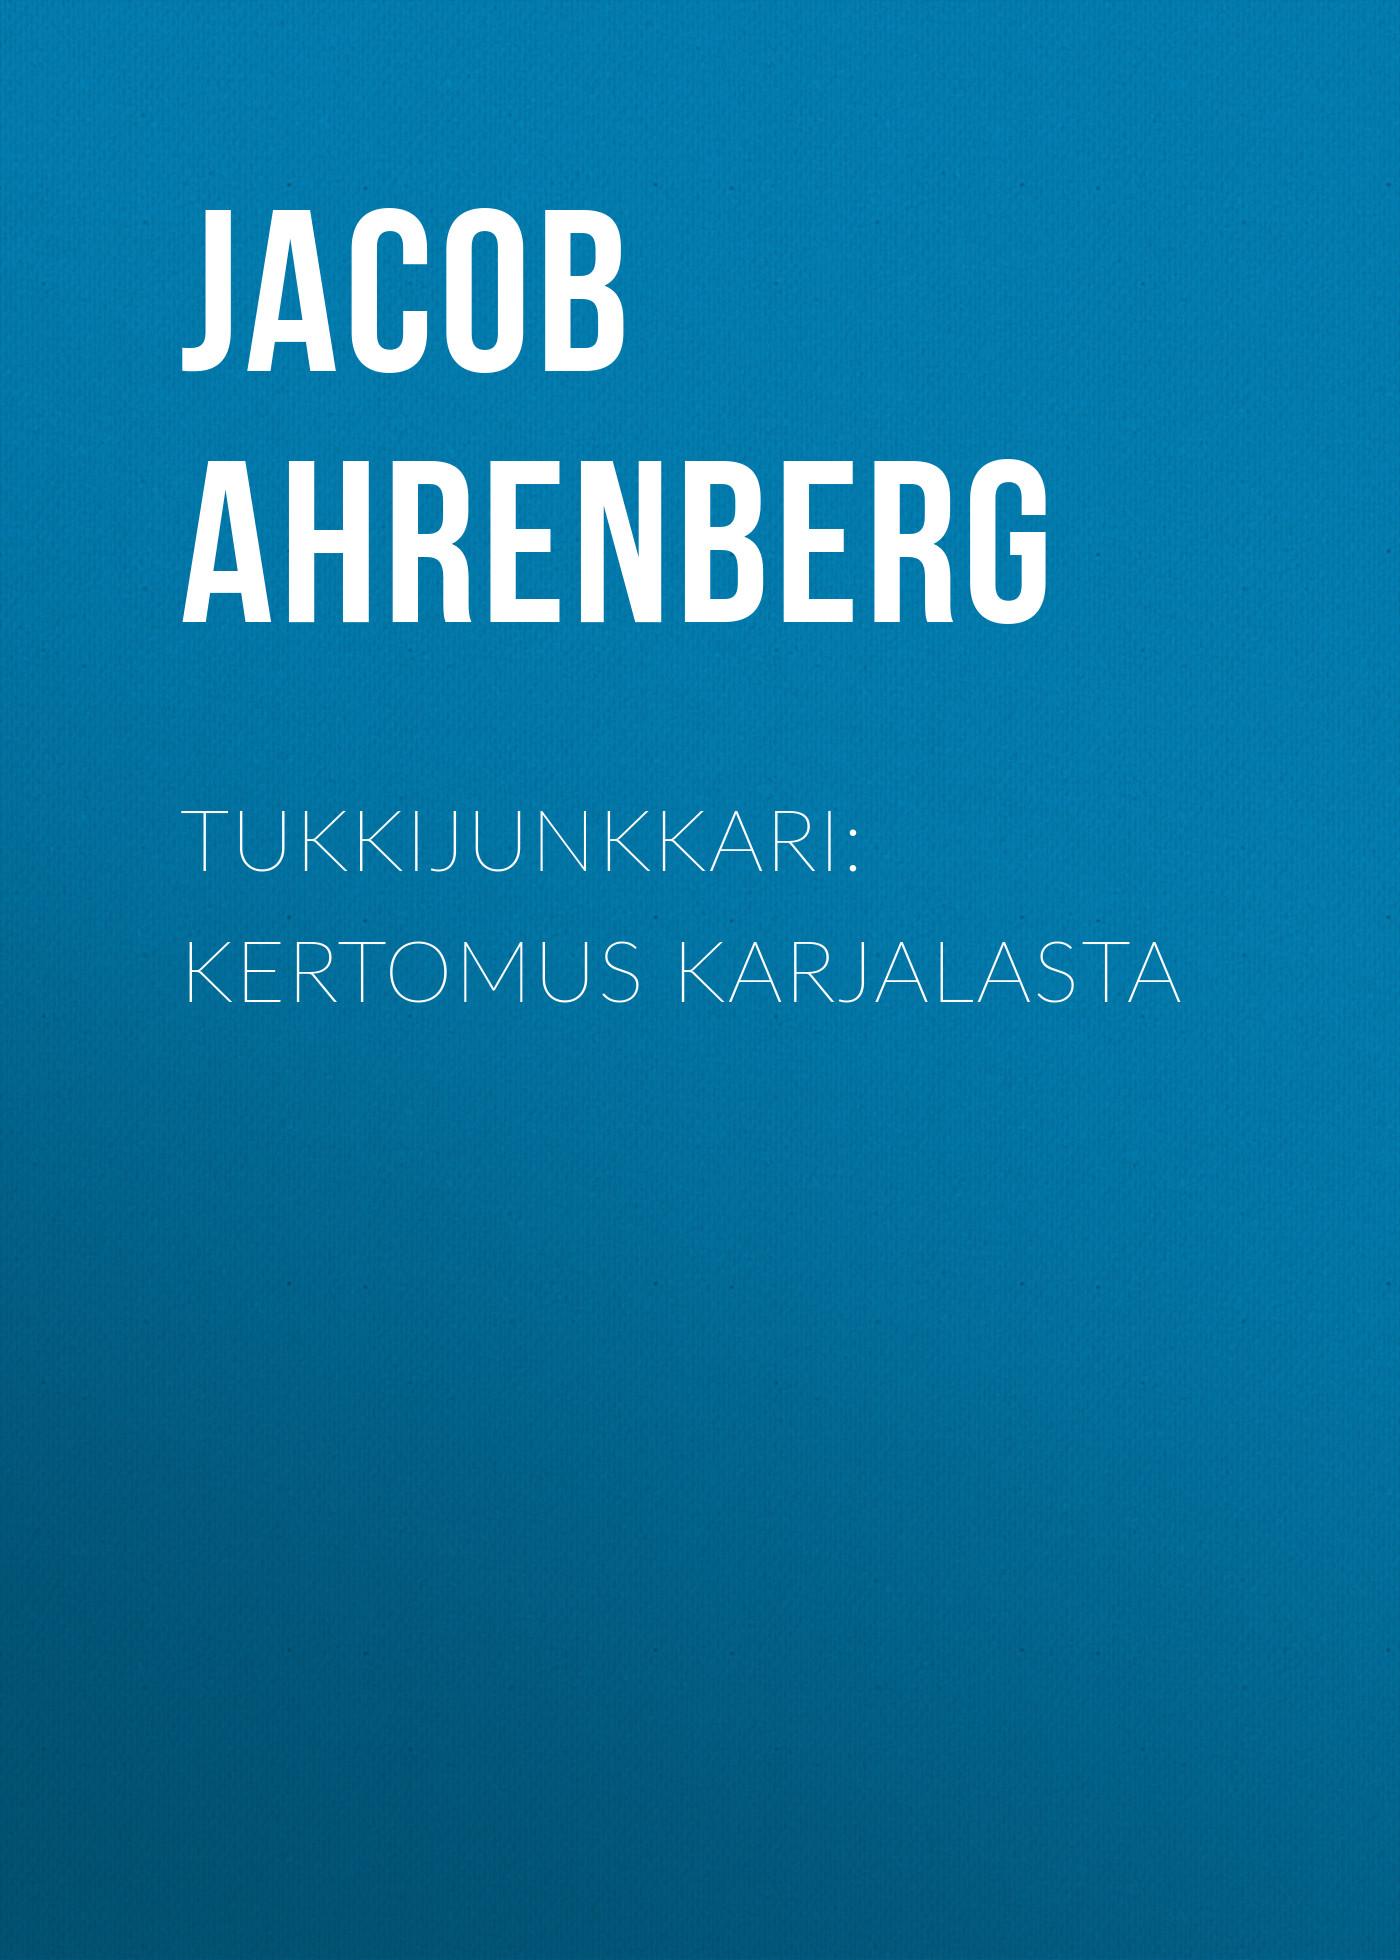 Jacob Ahrenberg Tukkijunkkari: Kertomus Karjalasta jacob ahrenberg hihhuleita kuvauksia itä suomesta